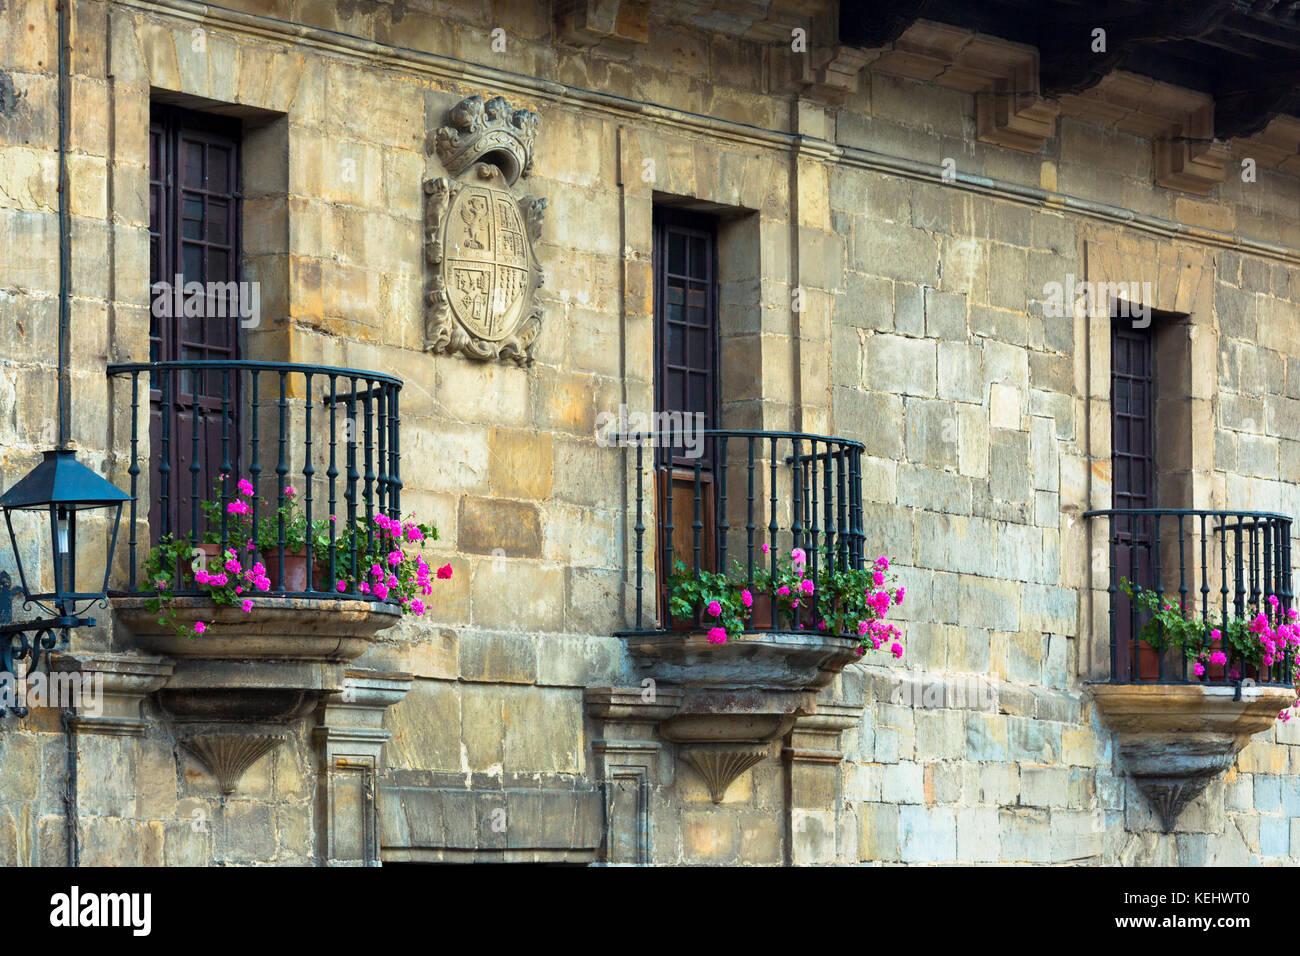 Medieval buildings in Santillana del Mar, Cantabria, Northern Spain - Stock Image